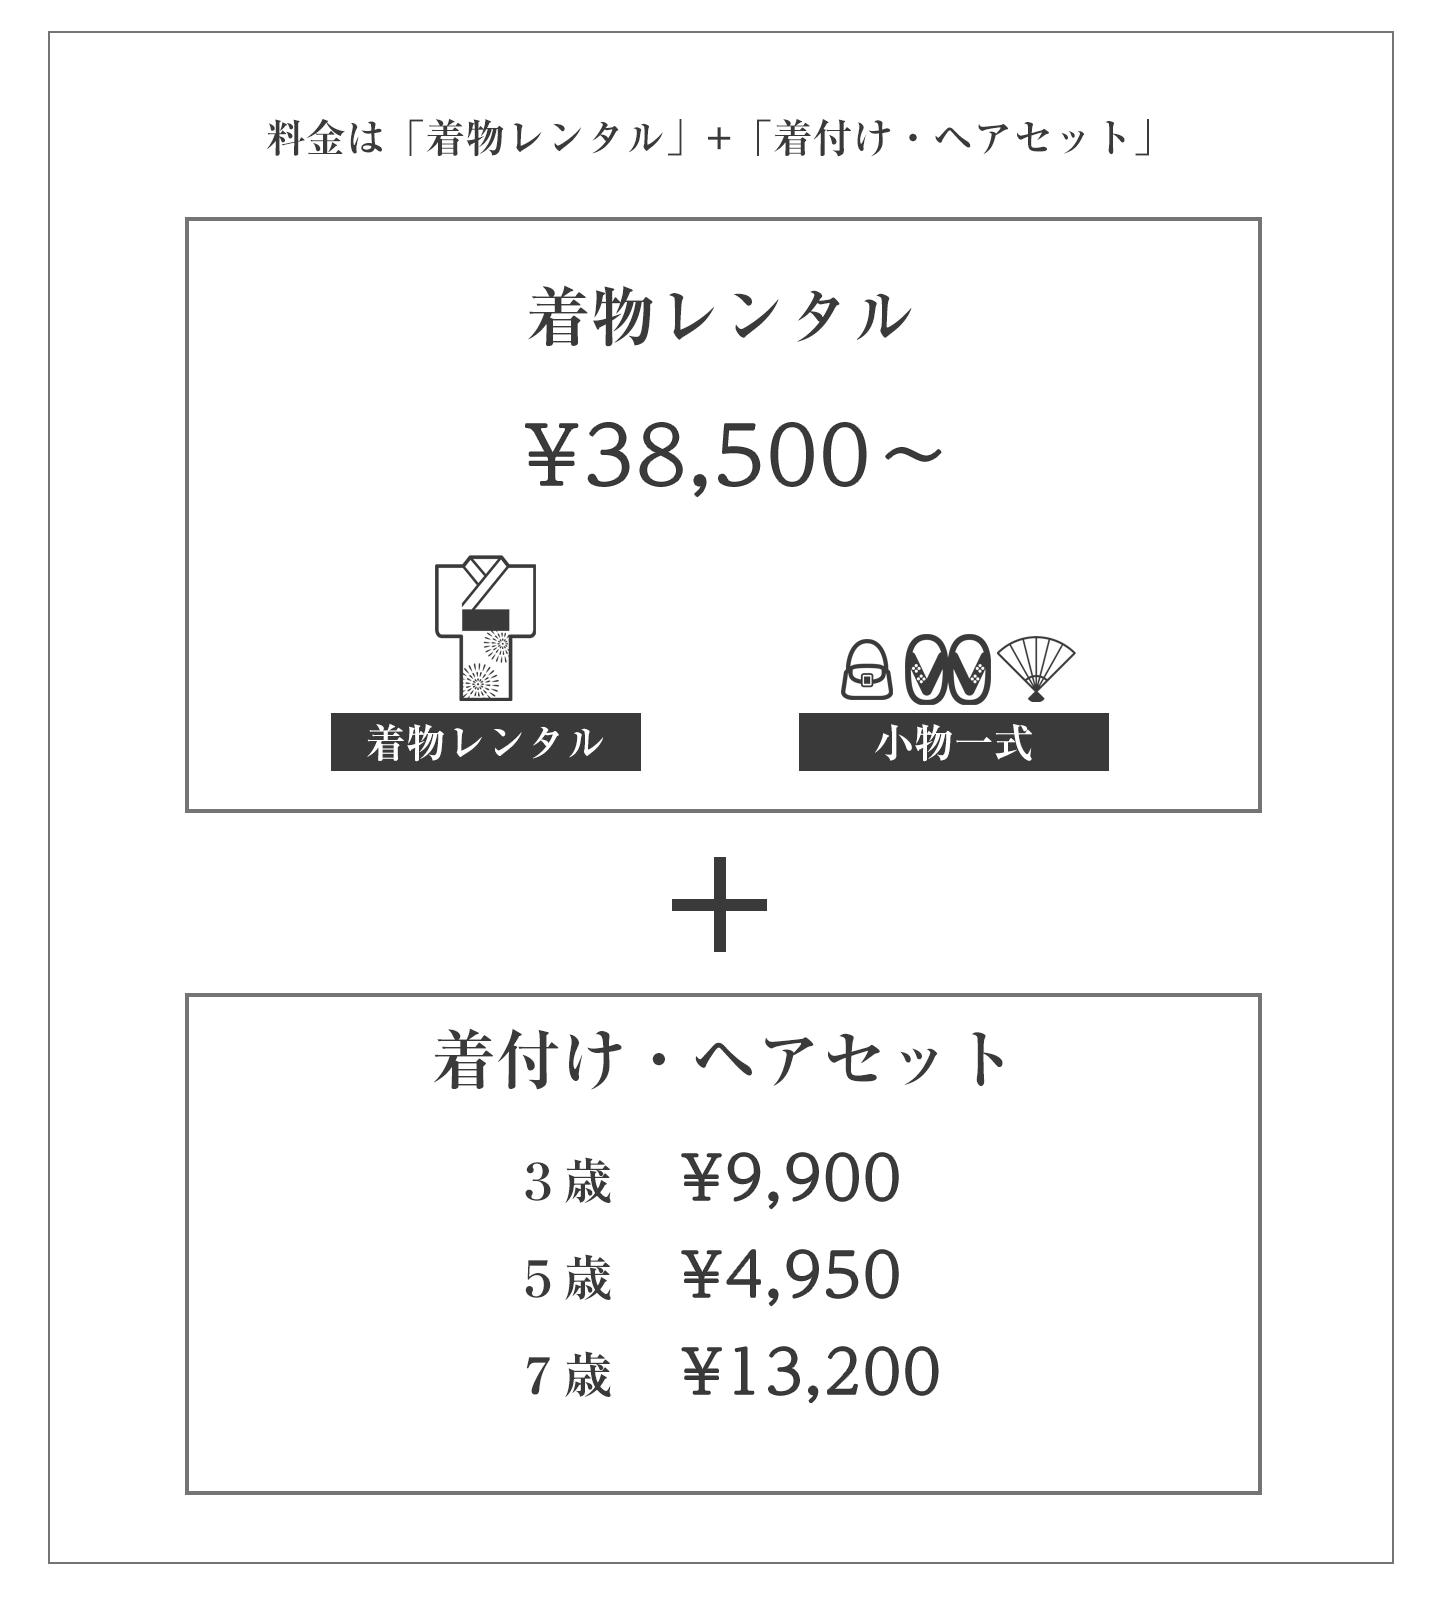 きものガール価格